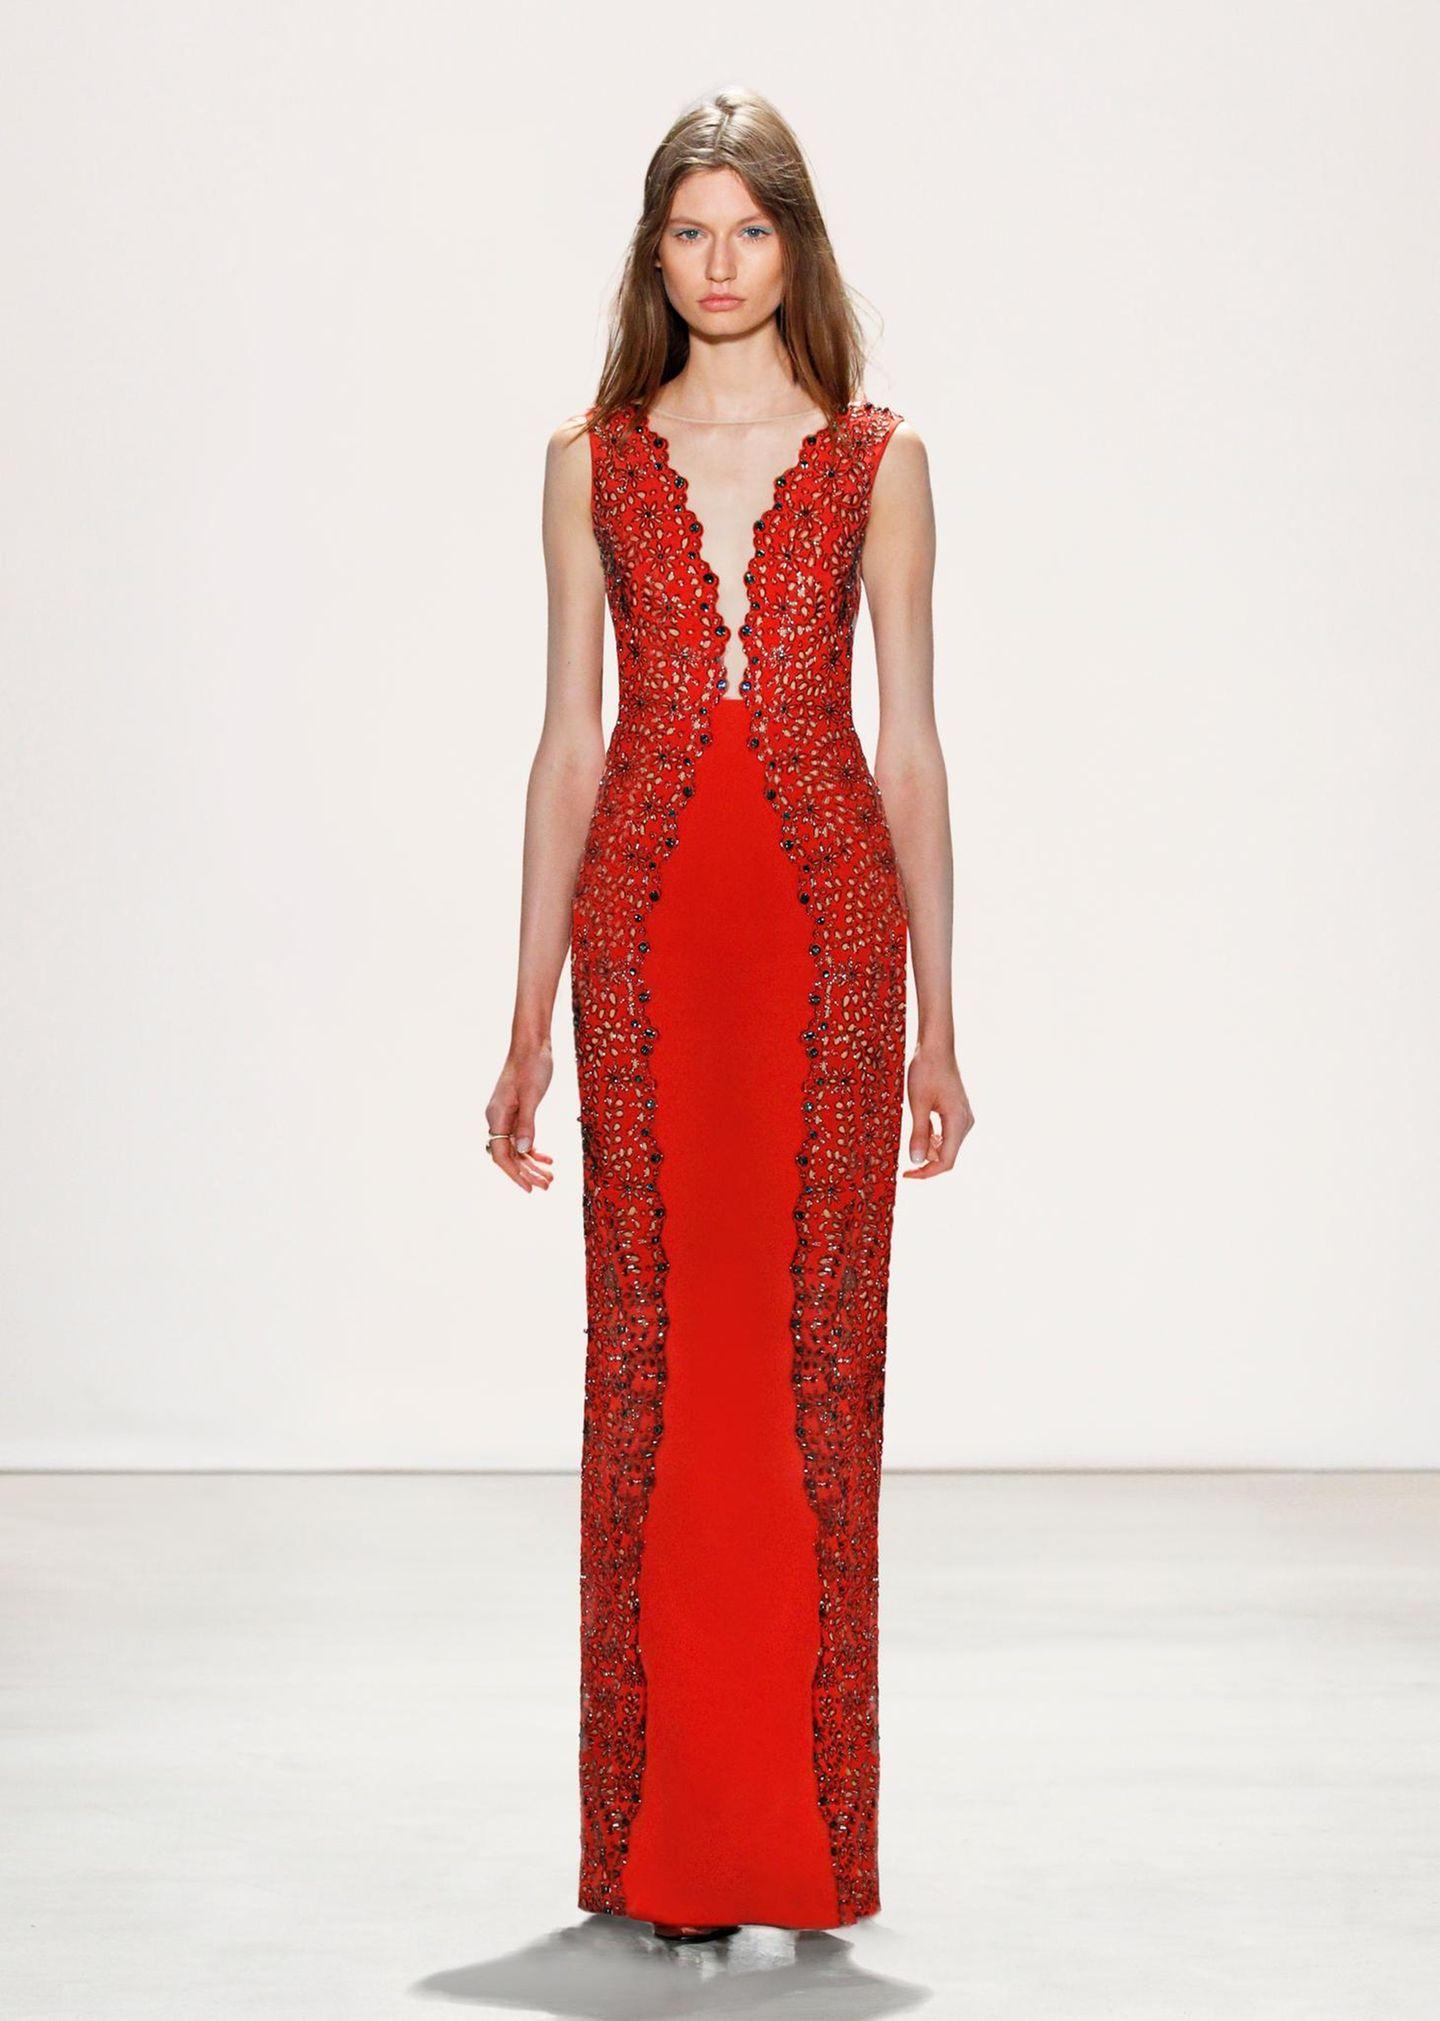 Jenny Packham F/S 2016: Dieses Kleid zaubert Kurven und würde Catherines schmaler Linie sicherlich schmeicheln.